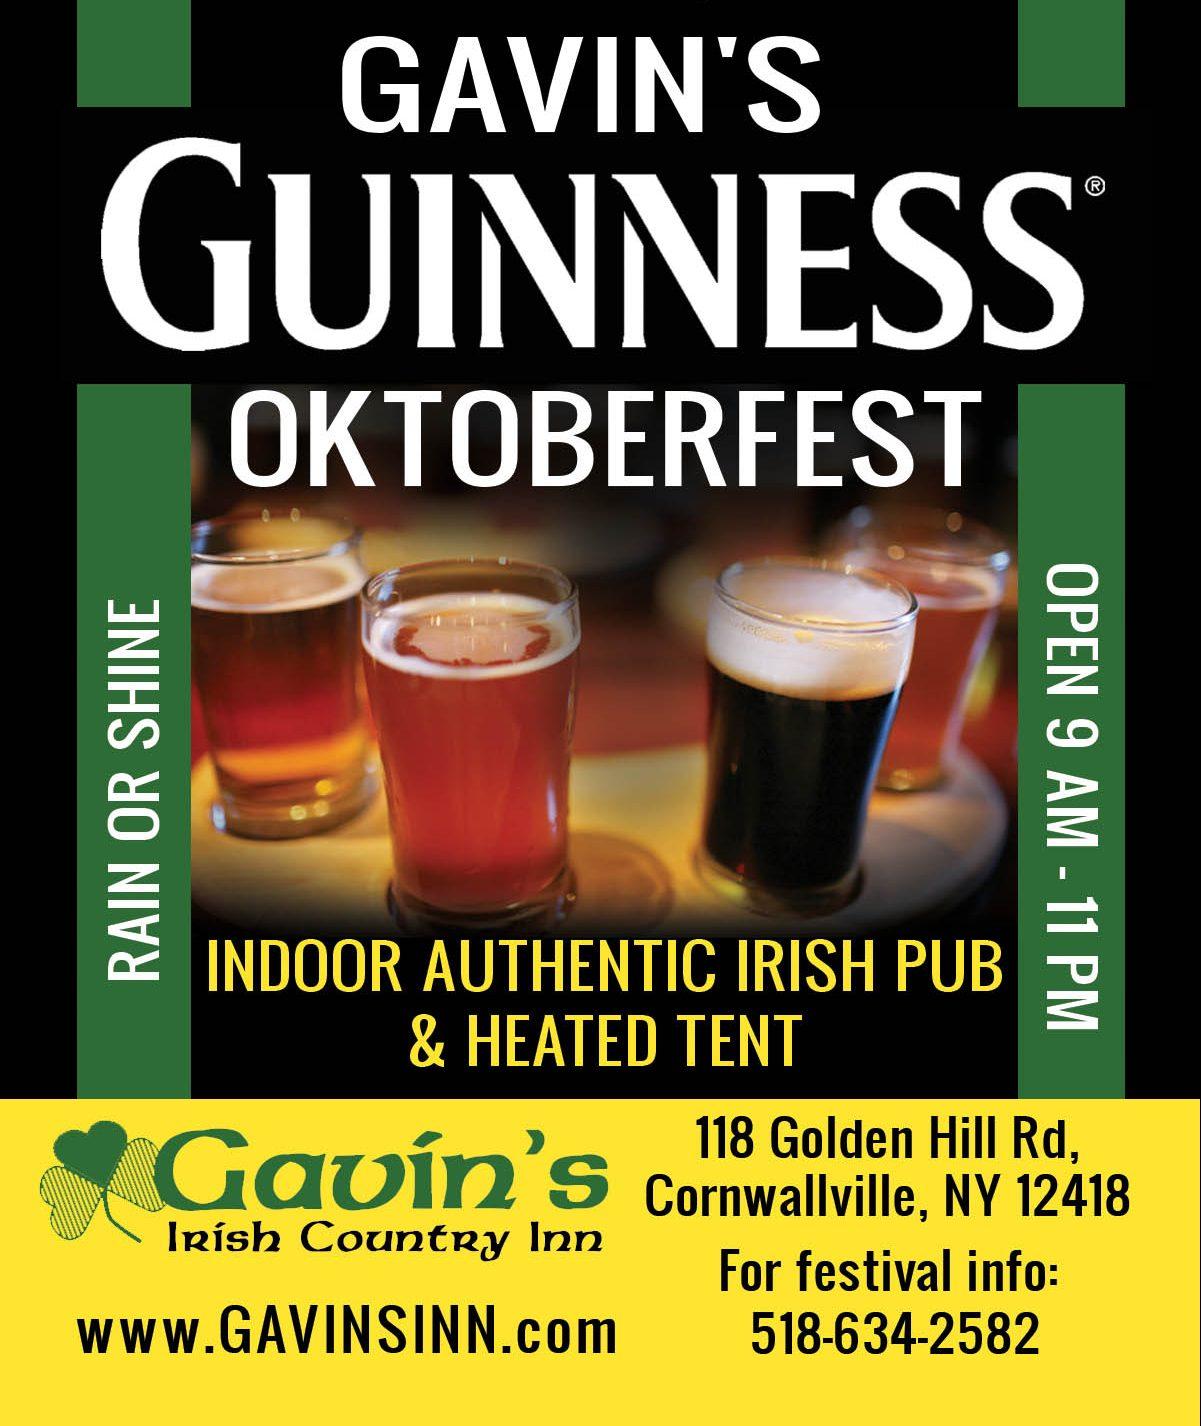 Gavin's Guinness Oktoberfest 2022